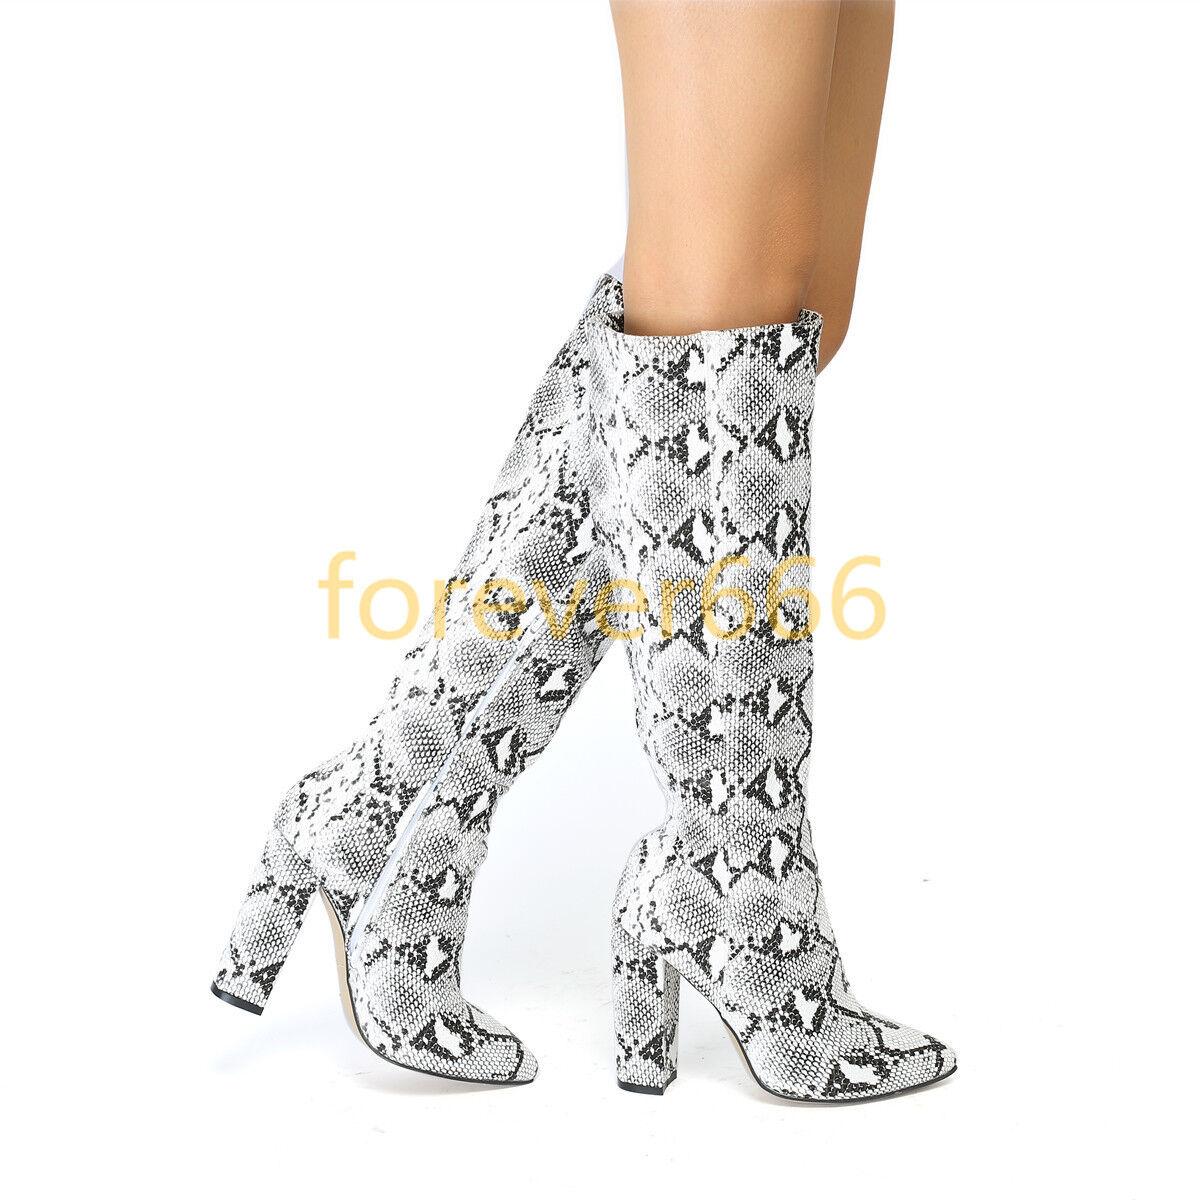 NEUE Kneehohe Stiefel Blockabsatz Klassisch Stiefel High Heel Spitz zehe Schuhe    | Die erste Reihe von umfassenden Spezifikationen für Kunden